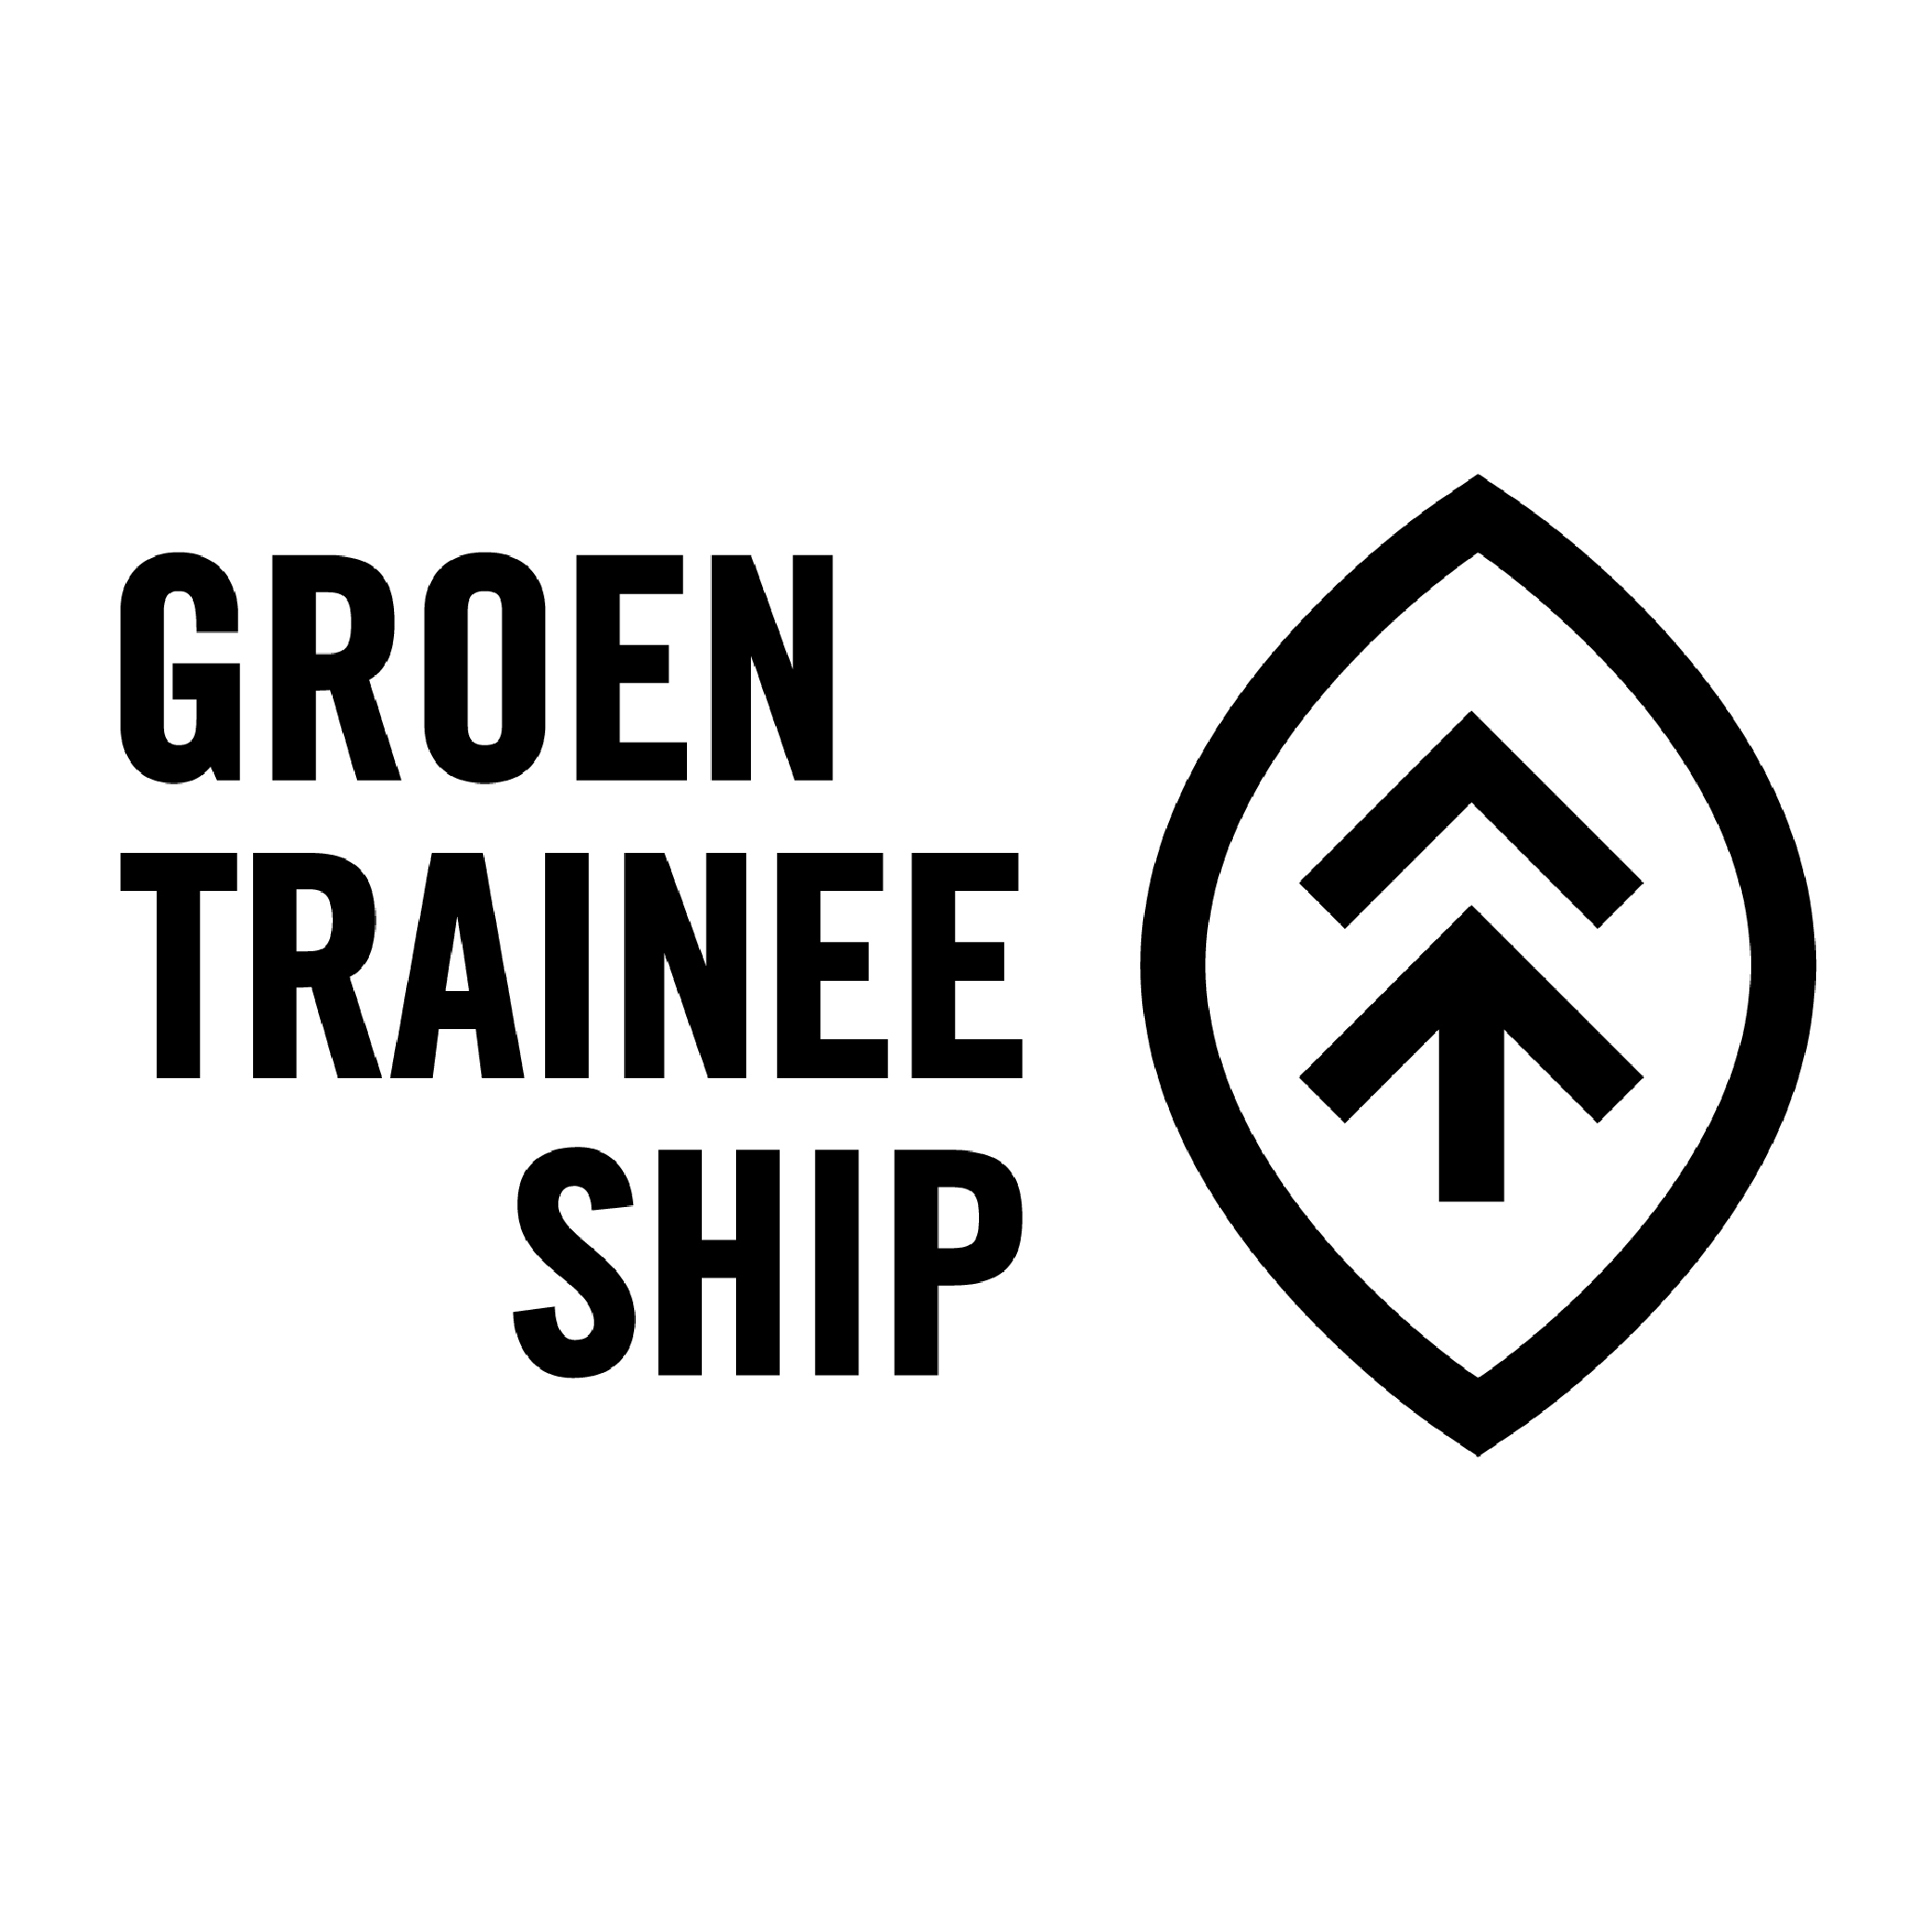 Groen traineeship Vlinderstichting